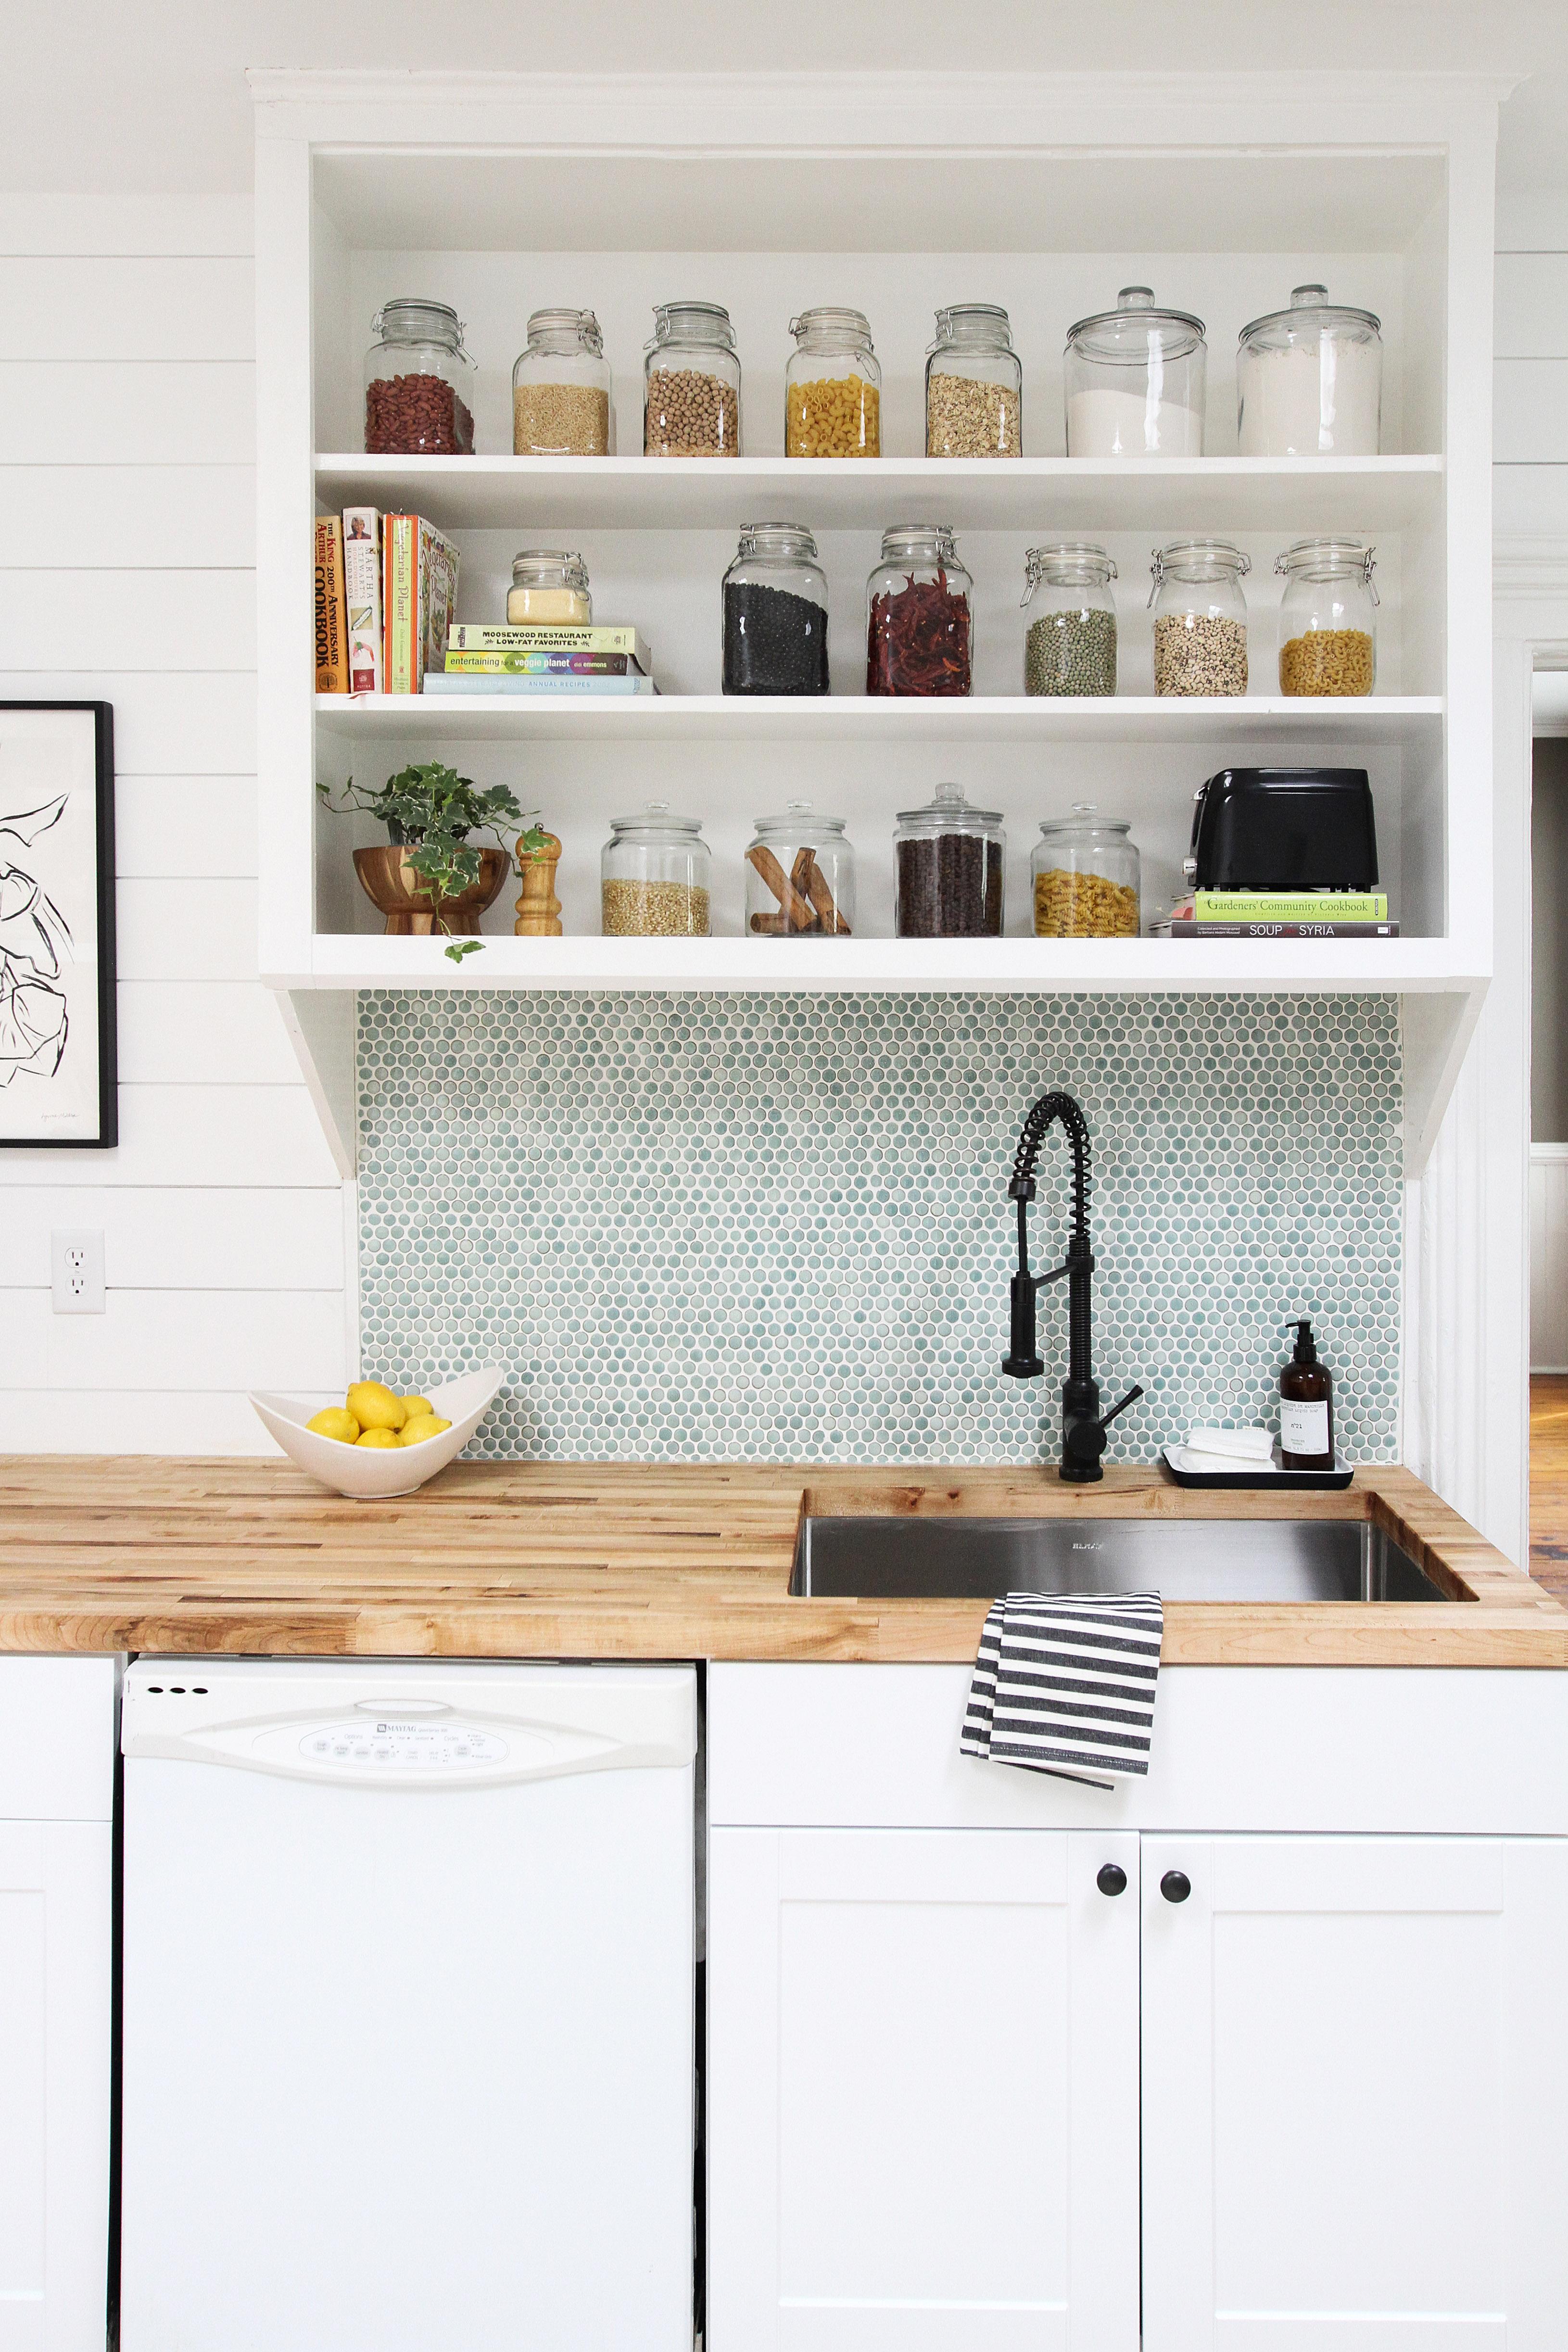 Farmhouse Kitchen Remodel - Design Photos, Tips | Apartment